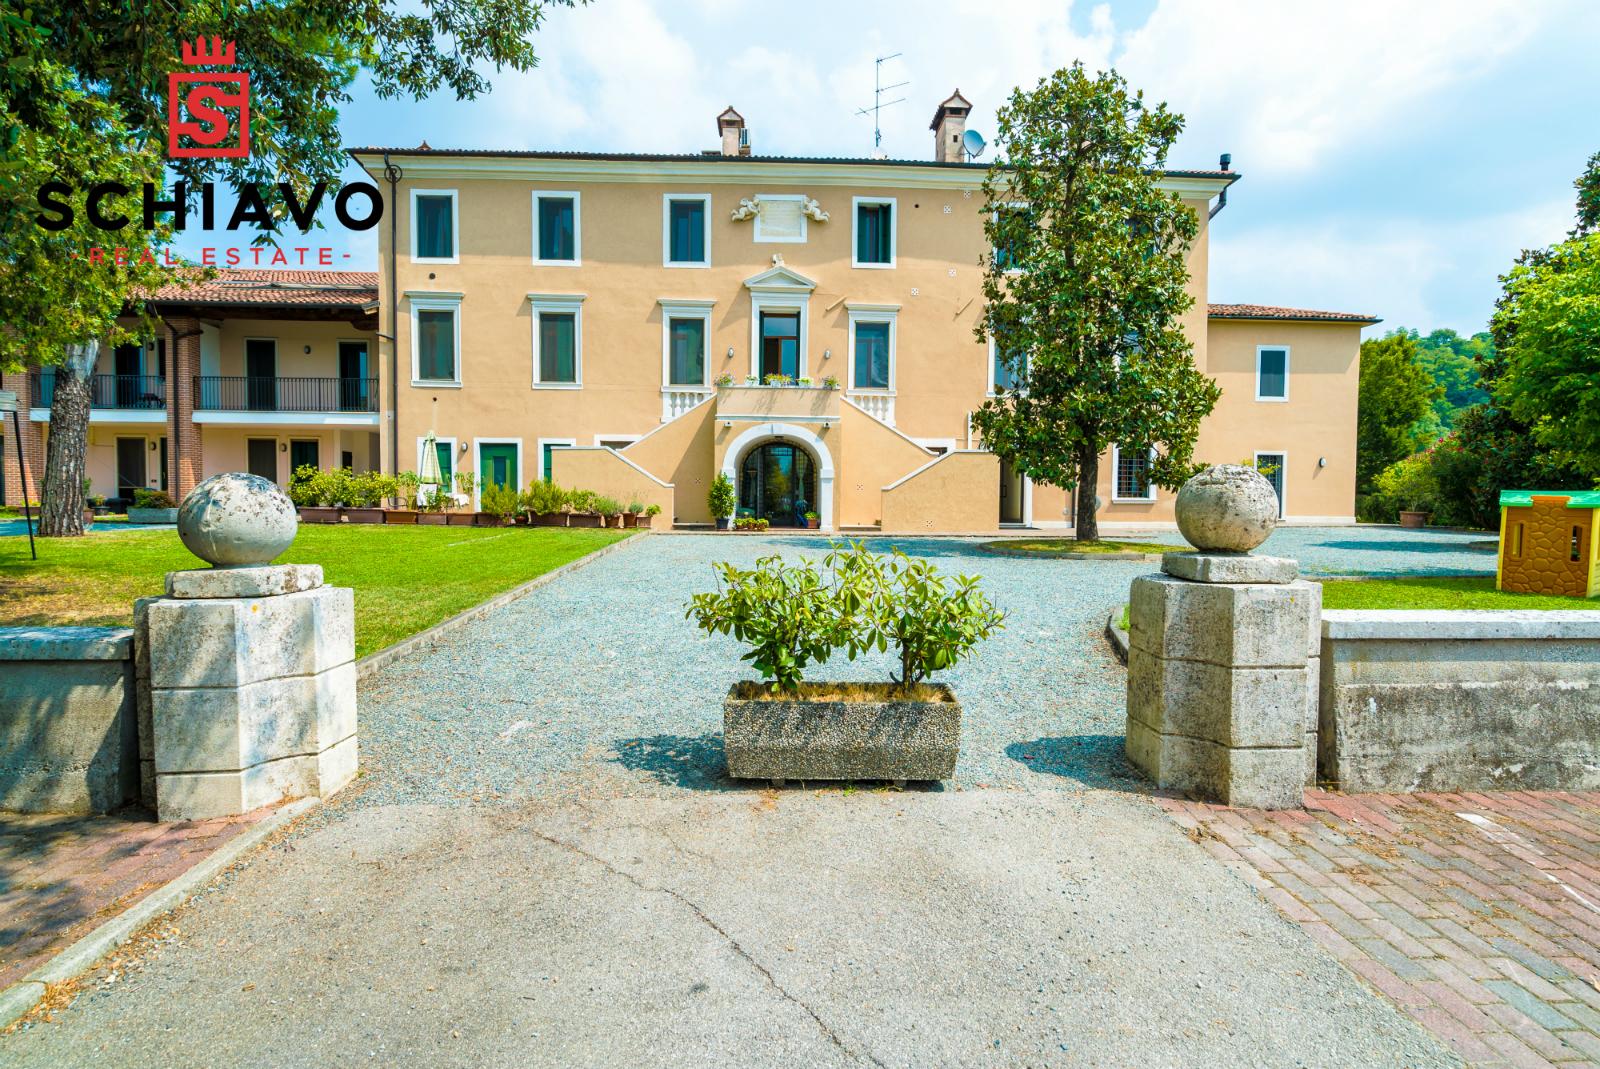 Appartamenti vicenza schiavo real estate for Appartamenti arredati in affitto a vicenza